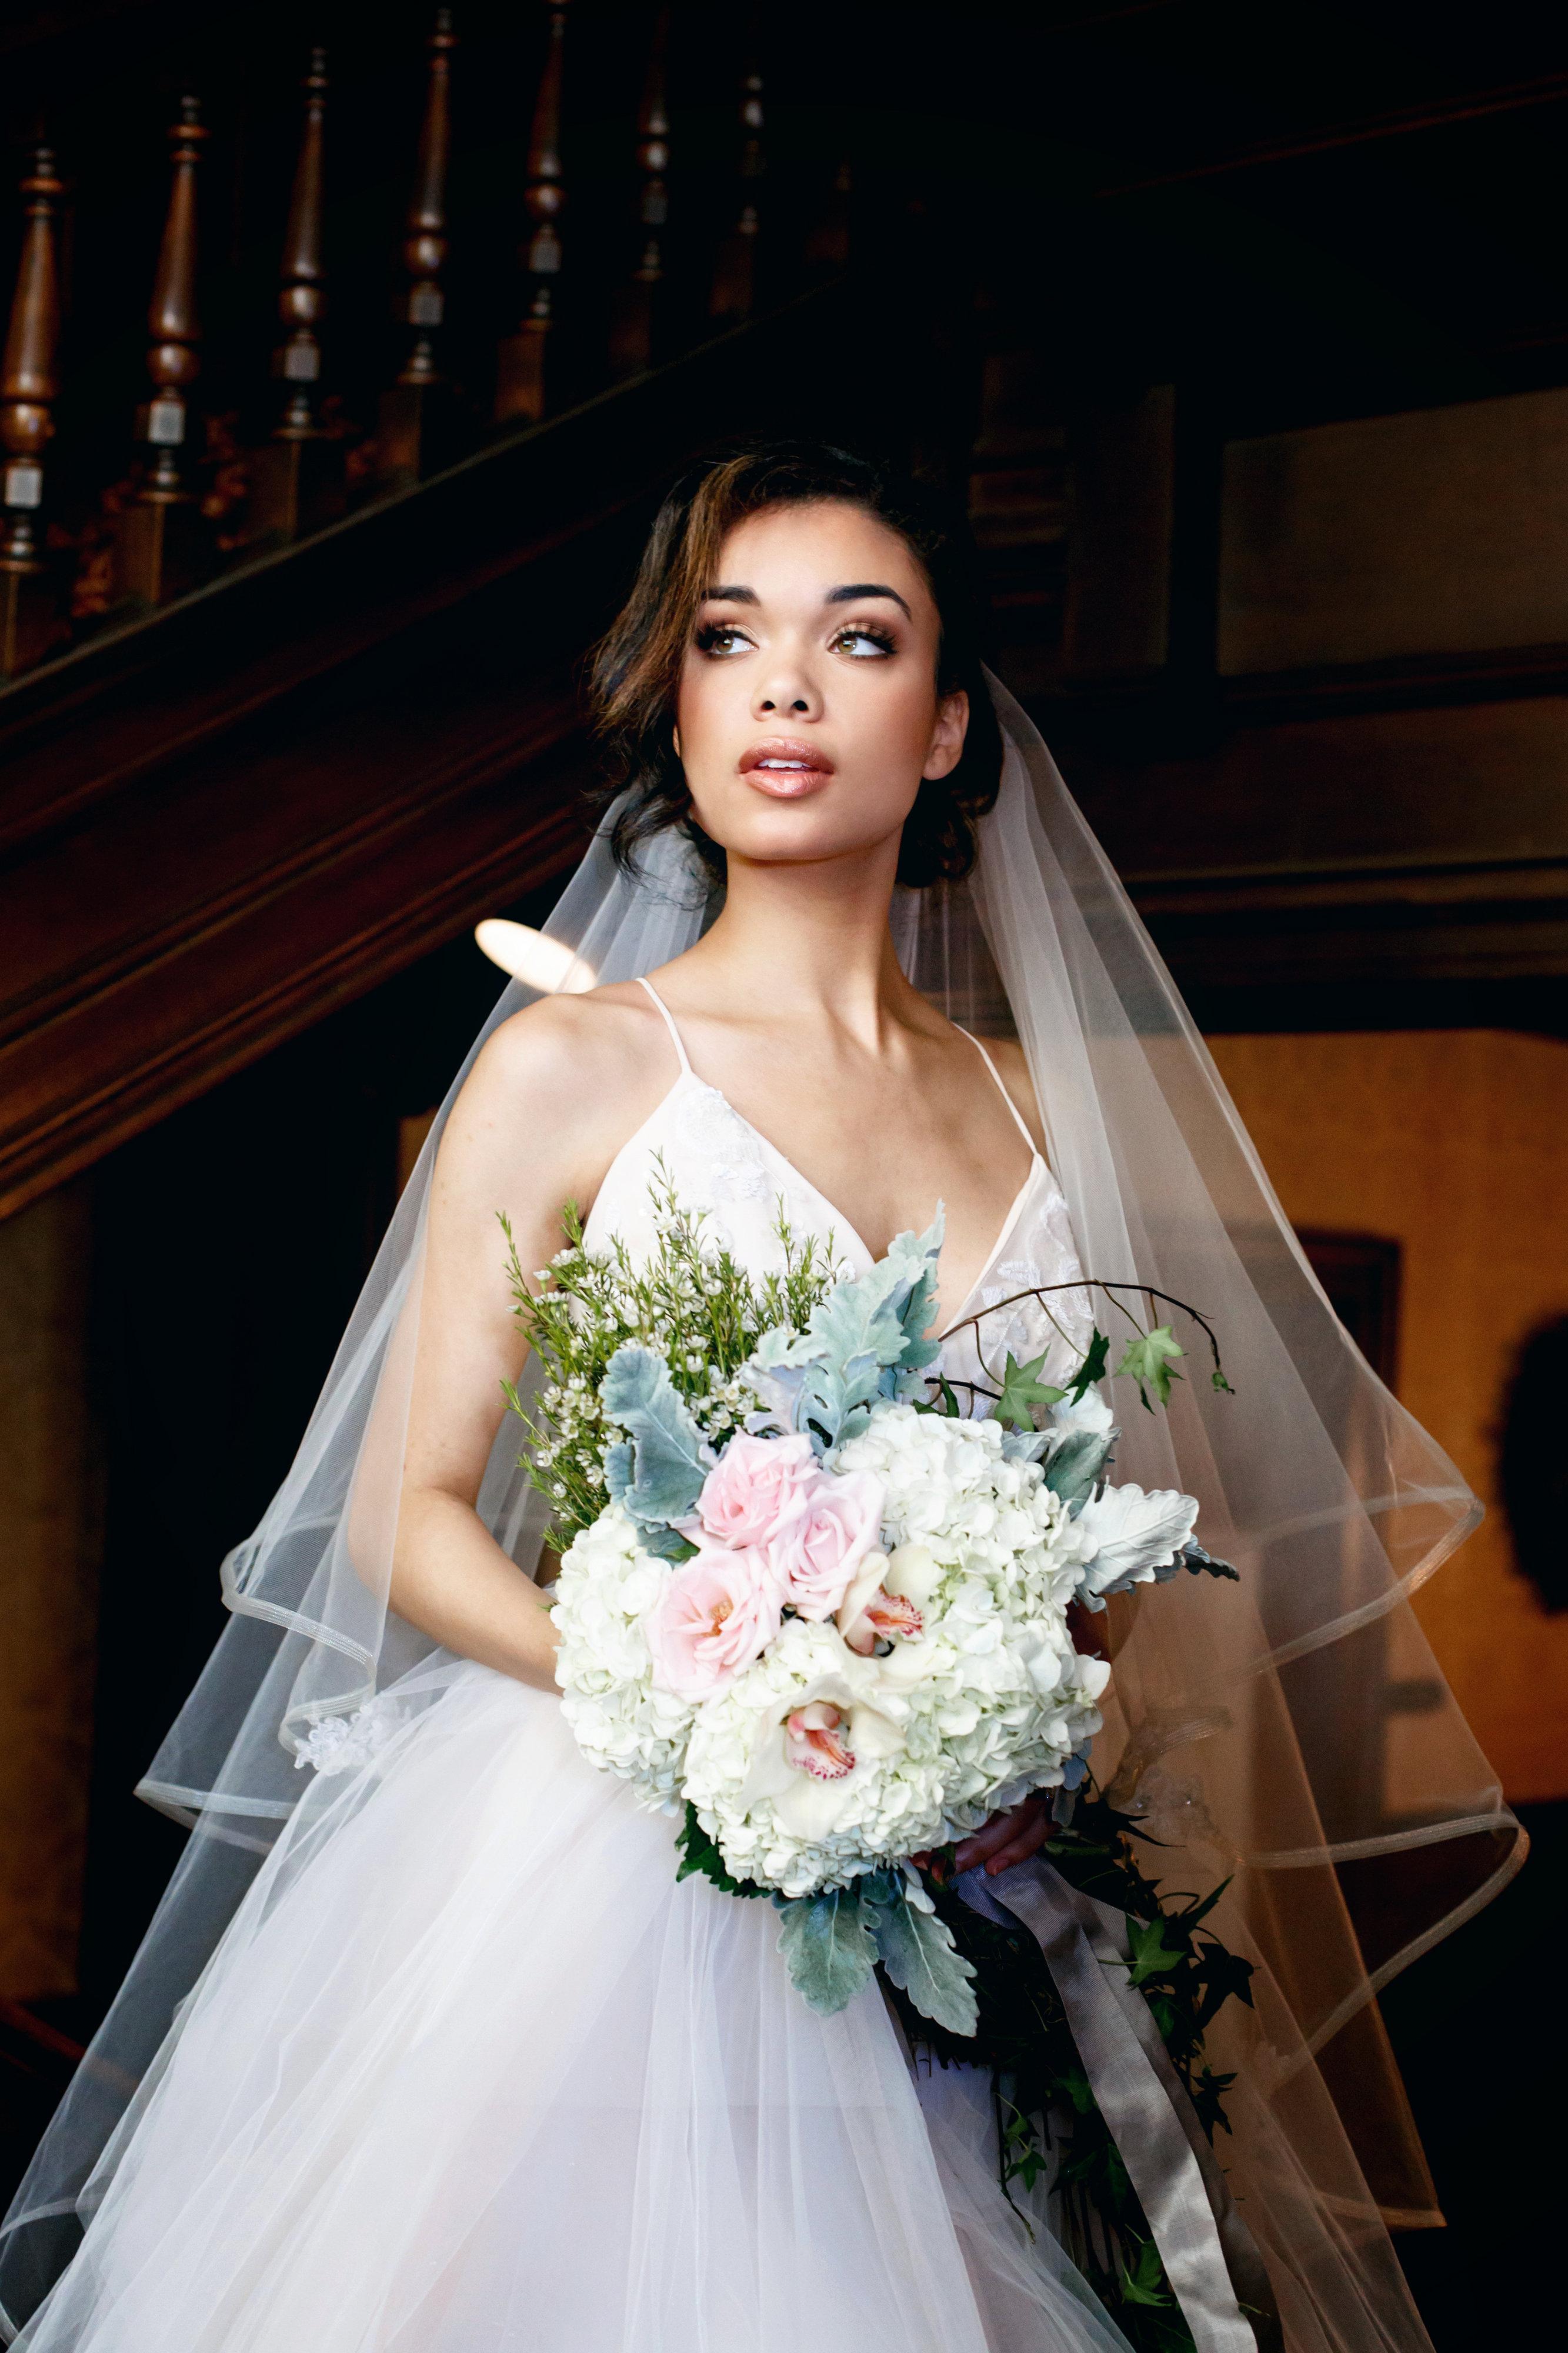 Photography by La Candella Weddings